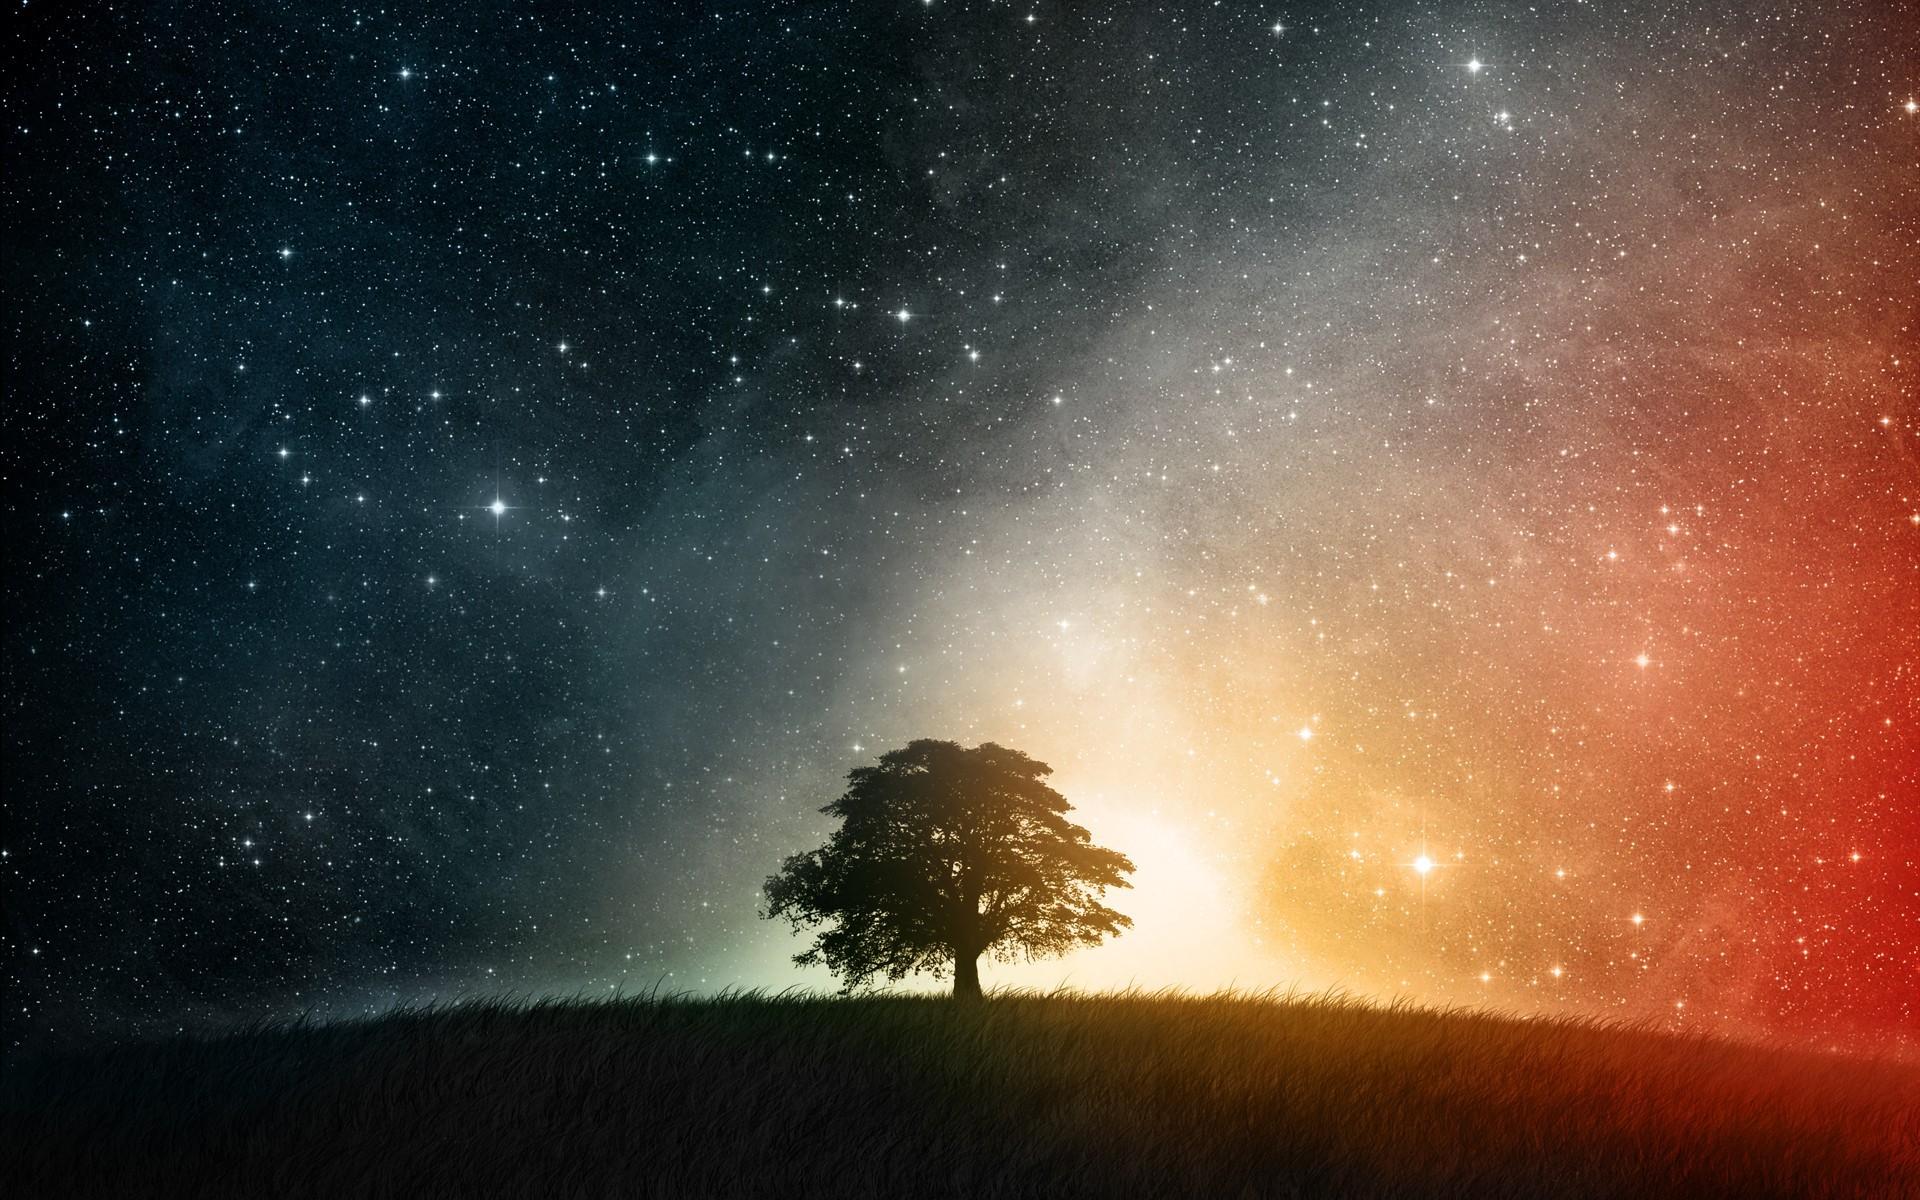 вишневая bmw под звездным небом  № 2384116 загрузить